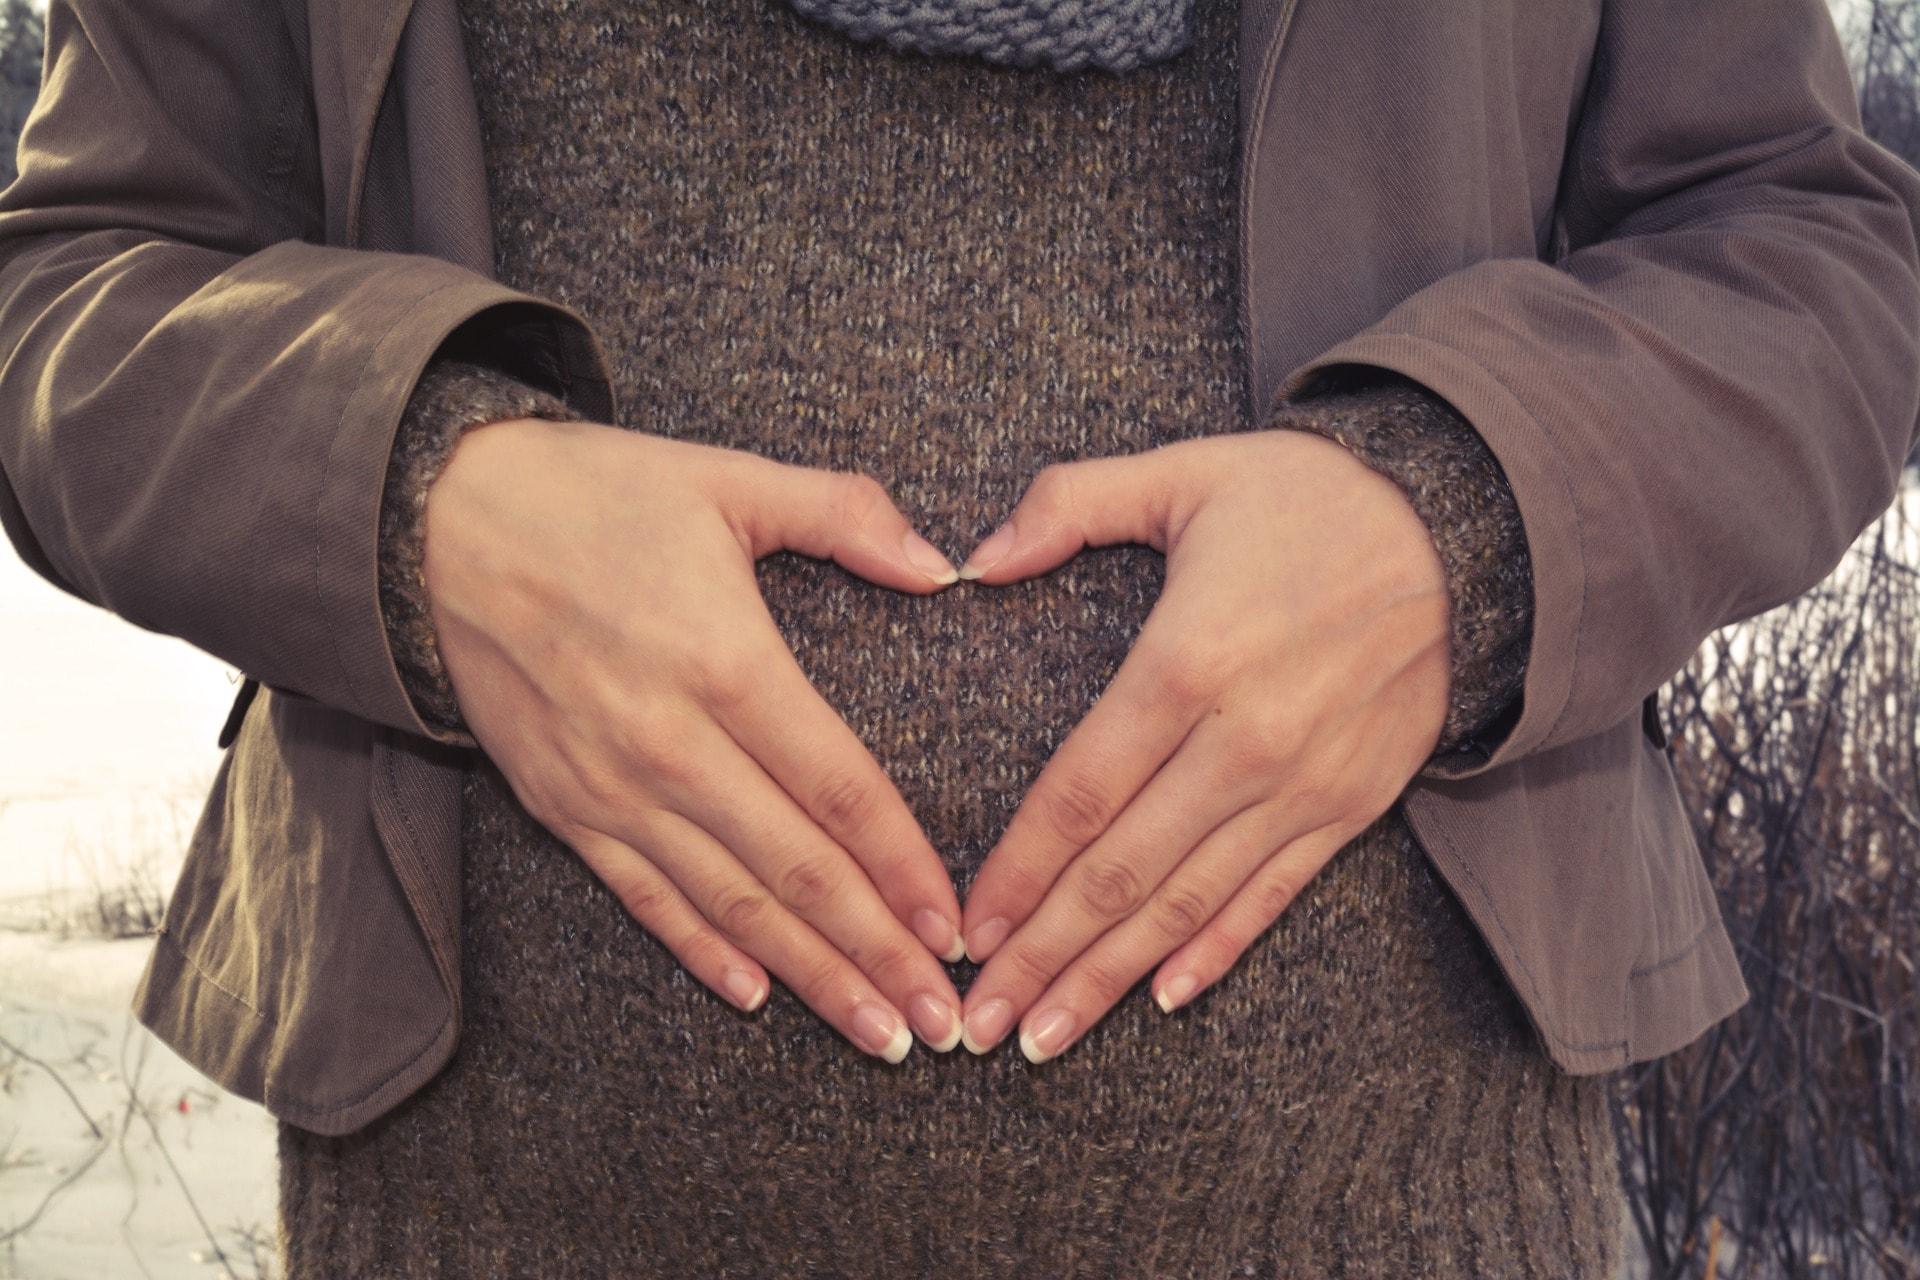 Garantiza tu descanso durante el embarazo